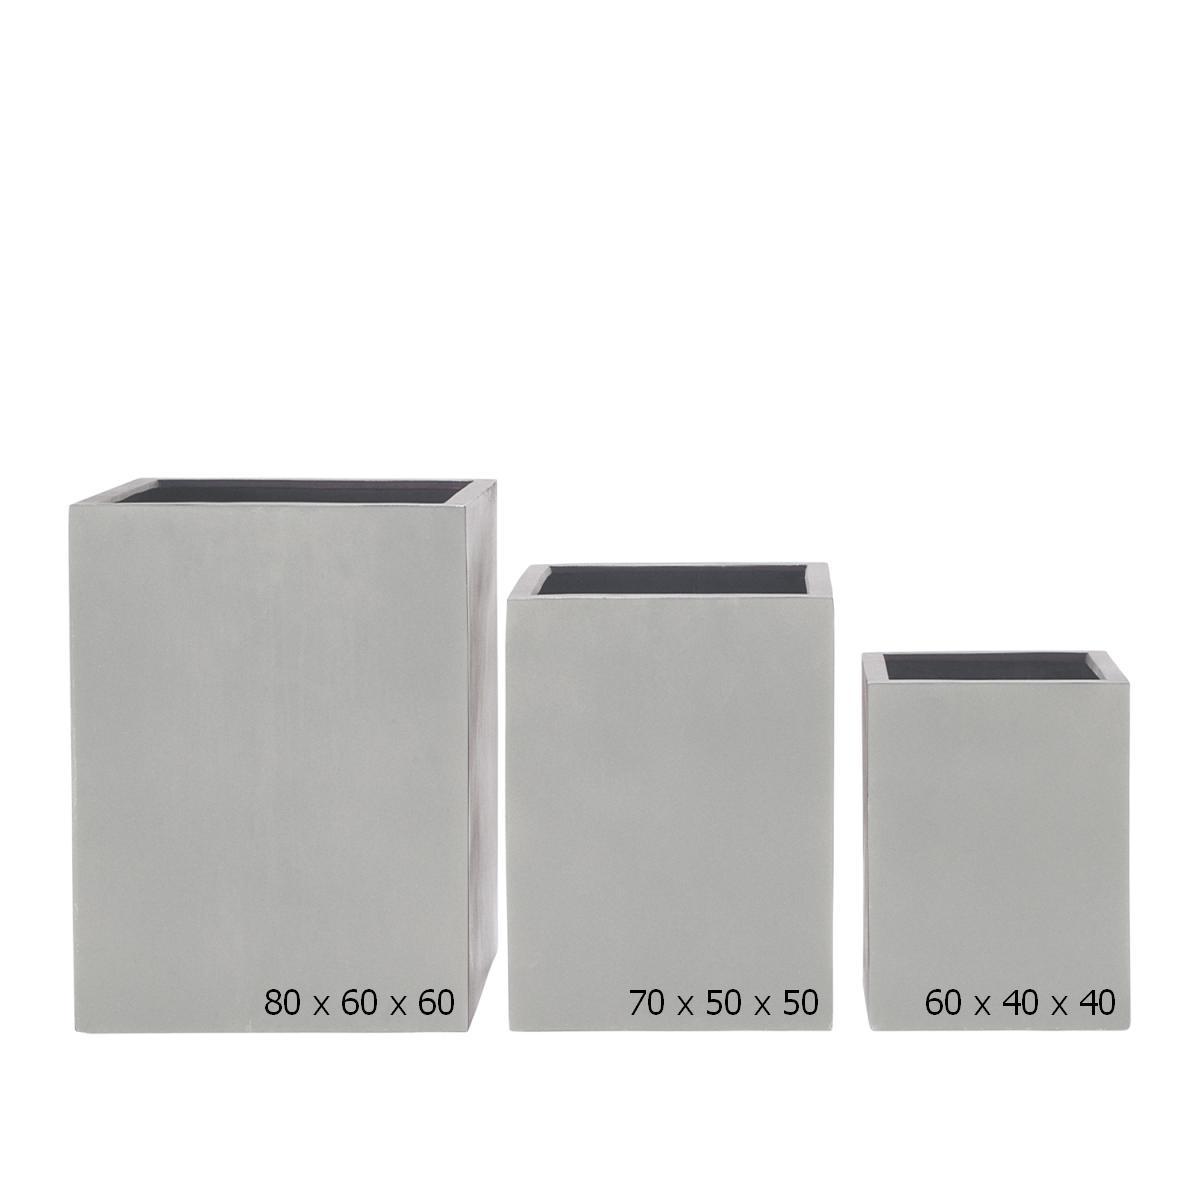 STONEFIBER der hohe Quadratische Pflanzkübel 80 grau